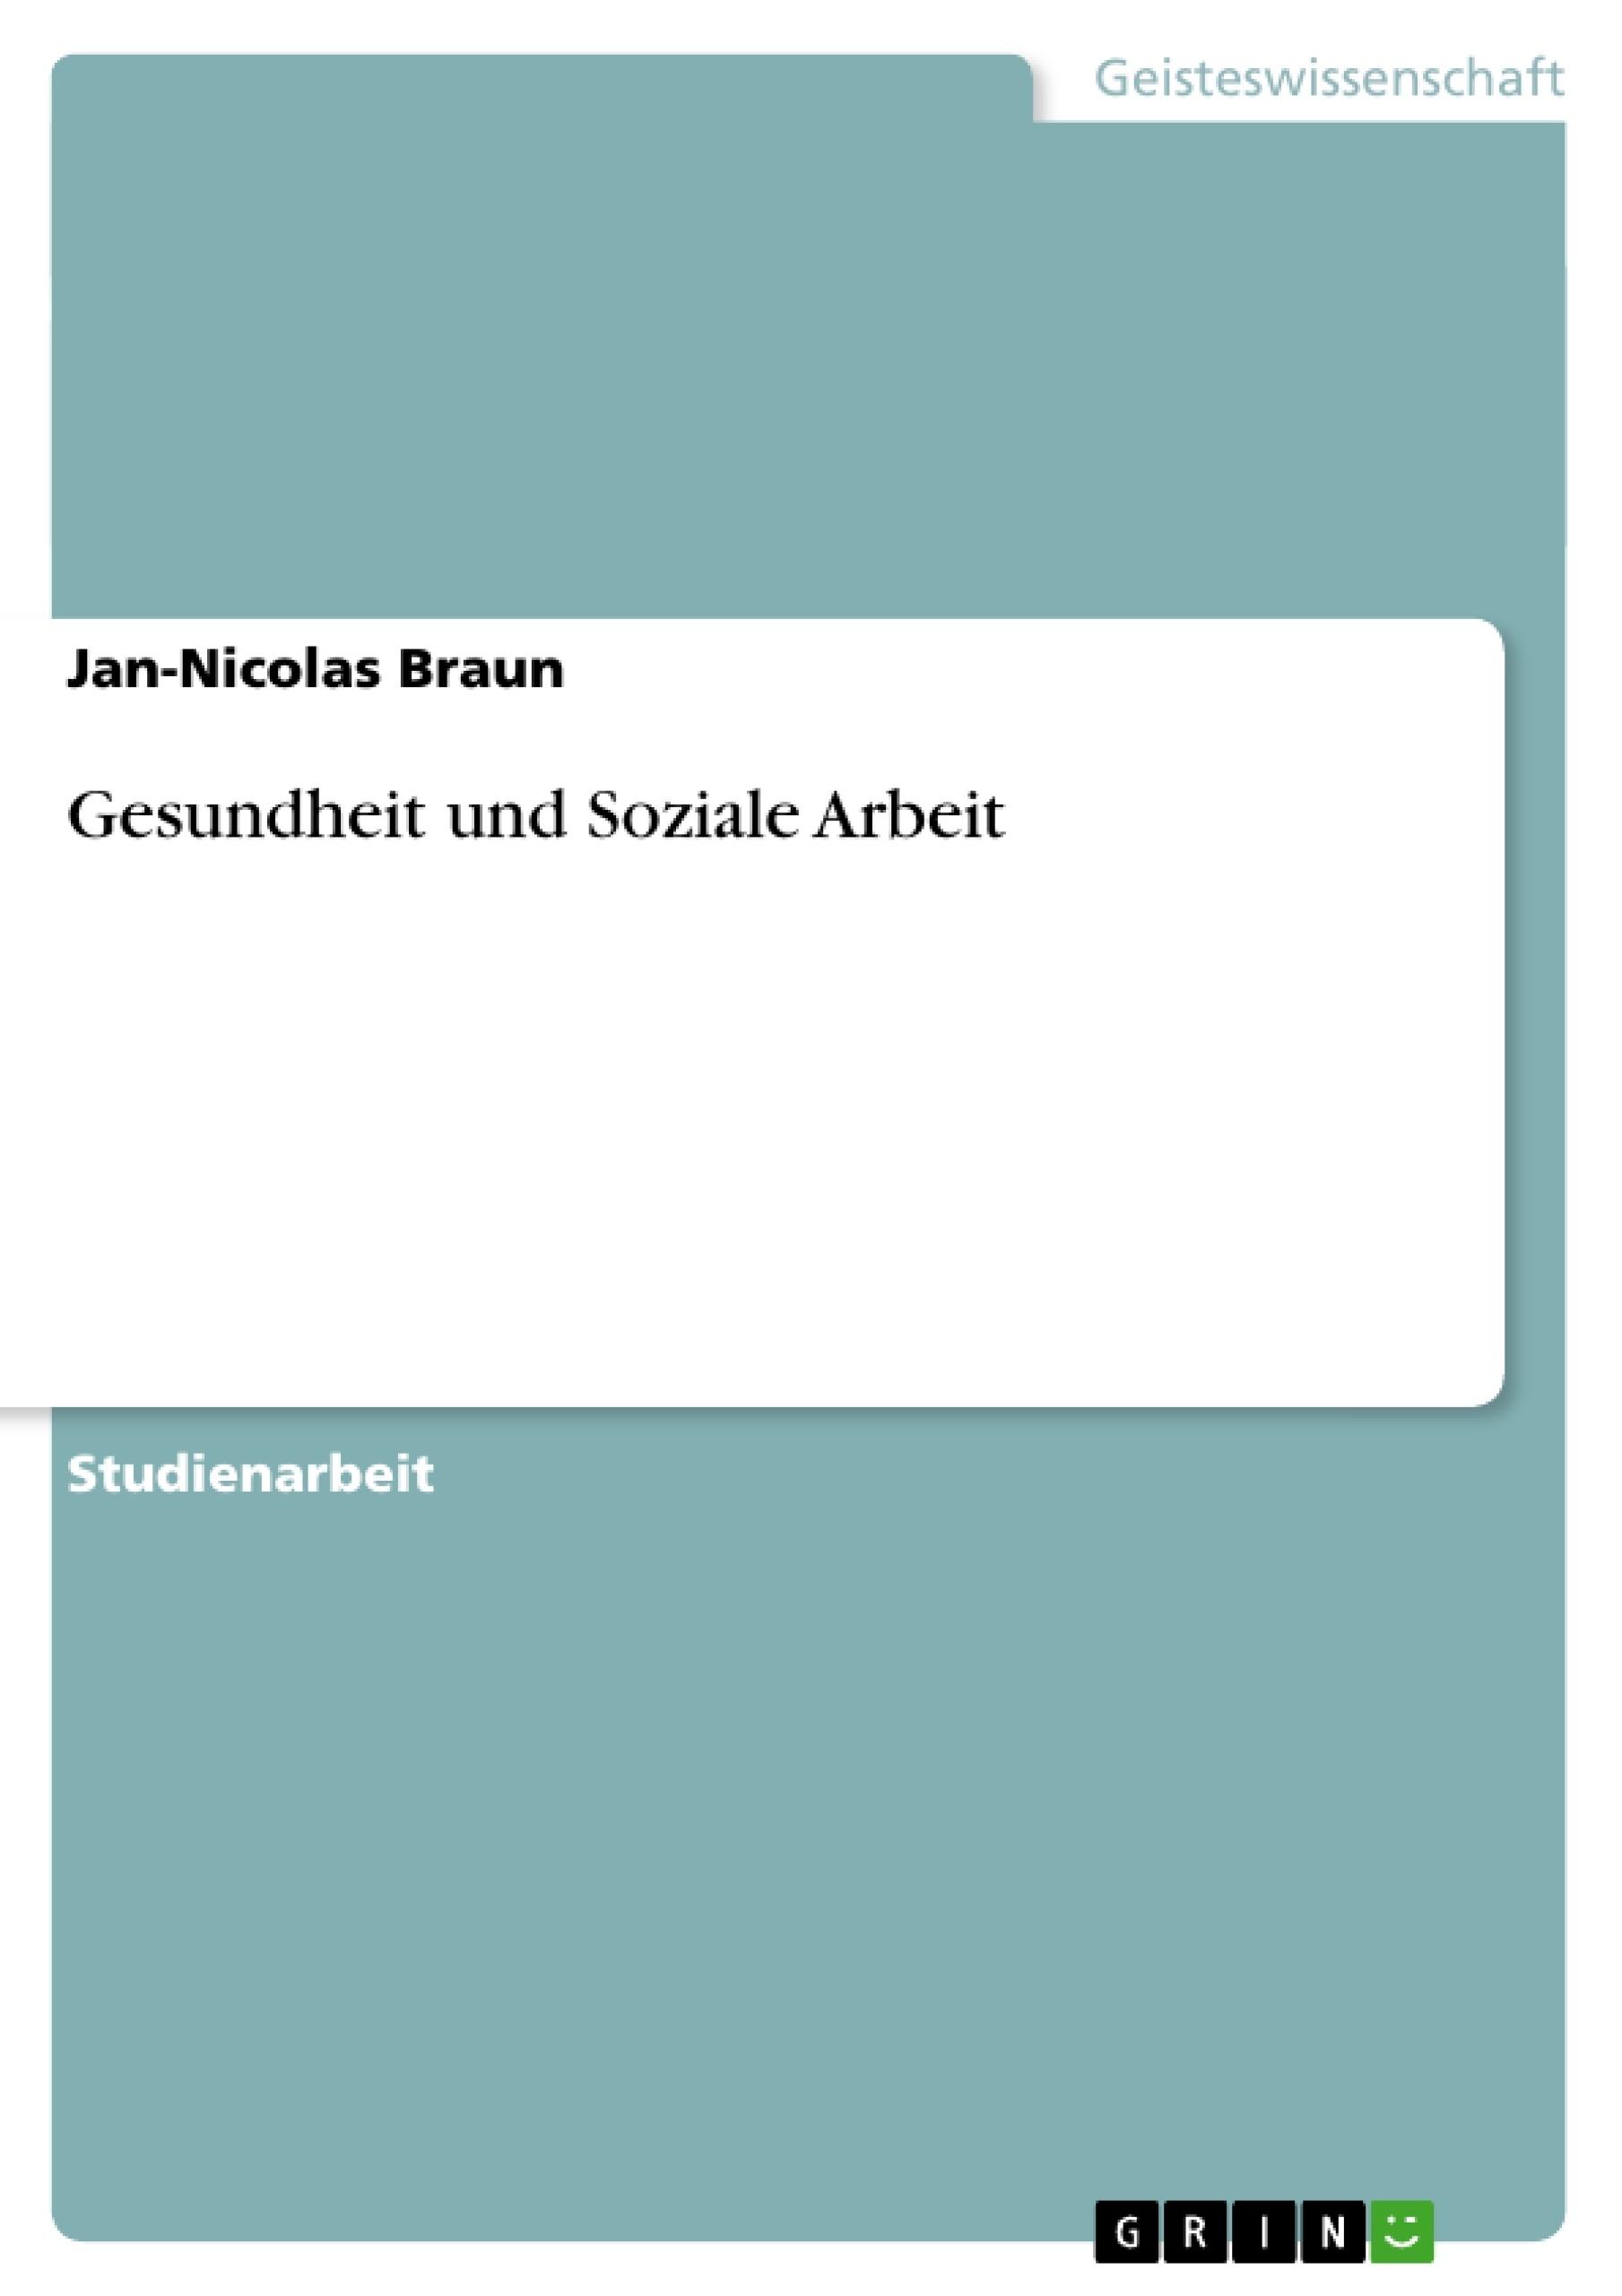 Titel: Gesundheit und Soziale Arbeit